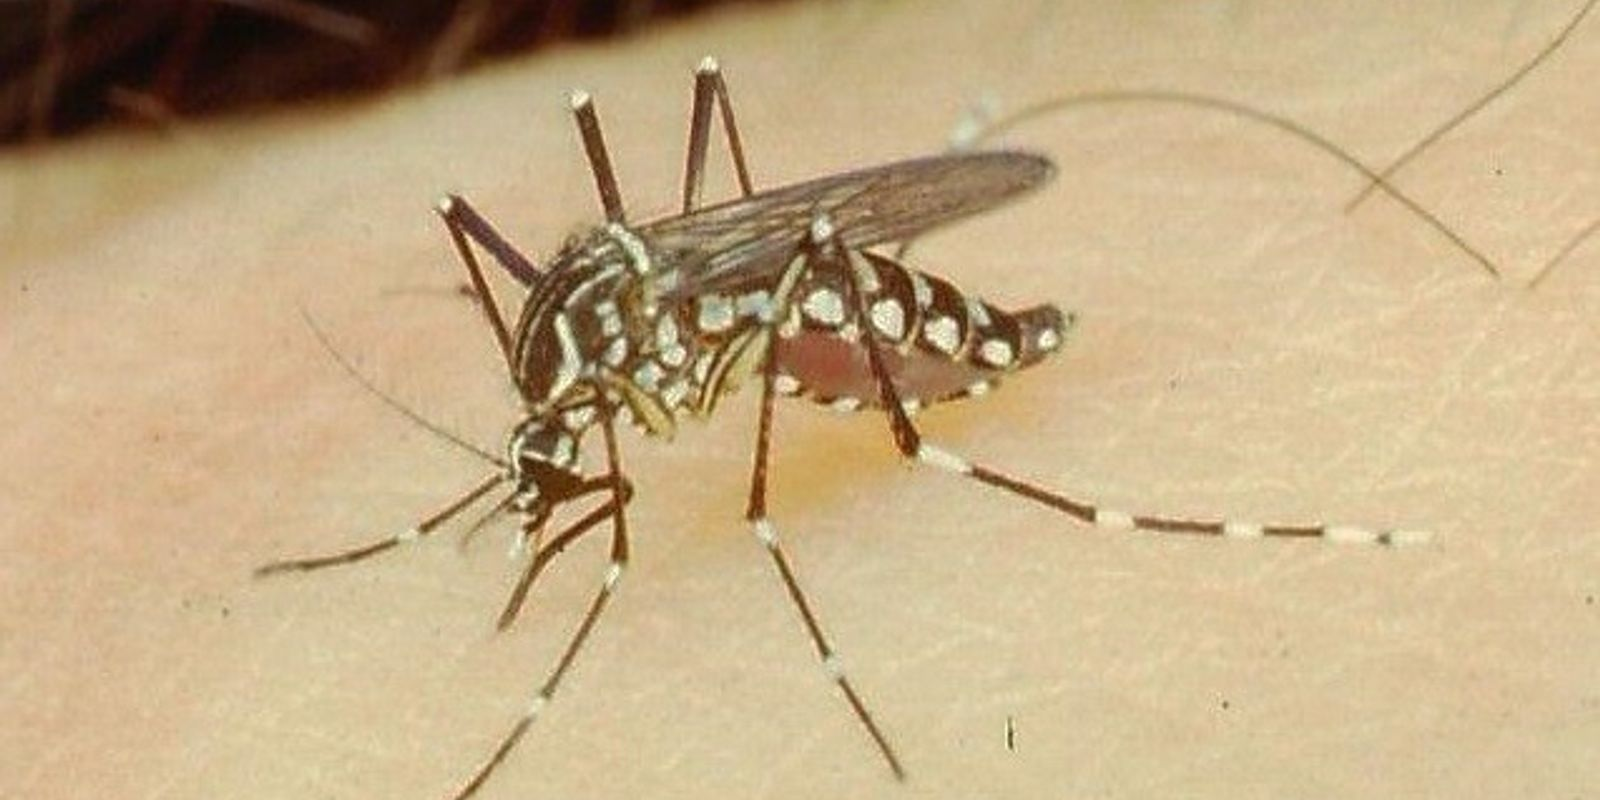 Brote de dengue en Argentina: ¿el Aedes aegypti está ampliando su temporada de incidencia?